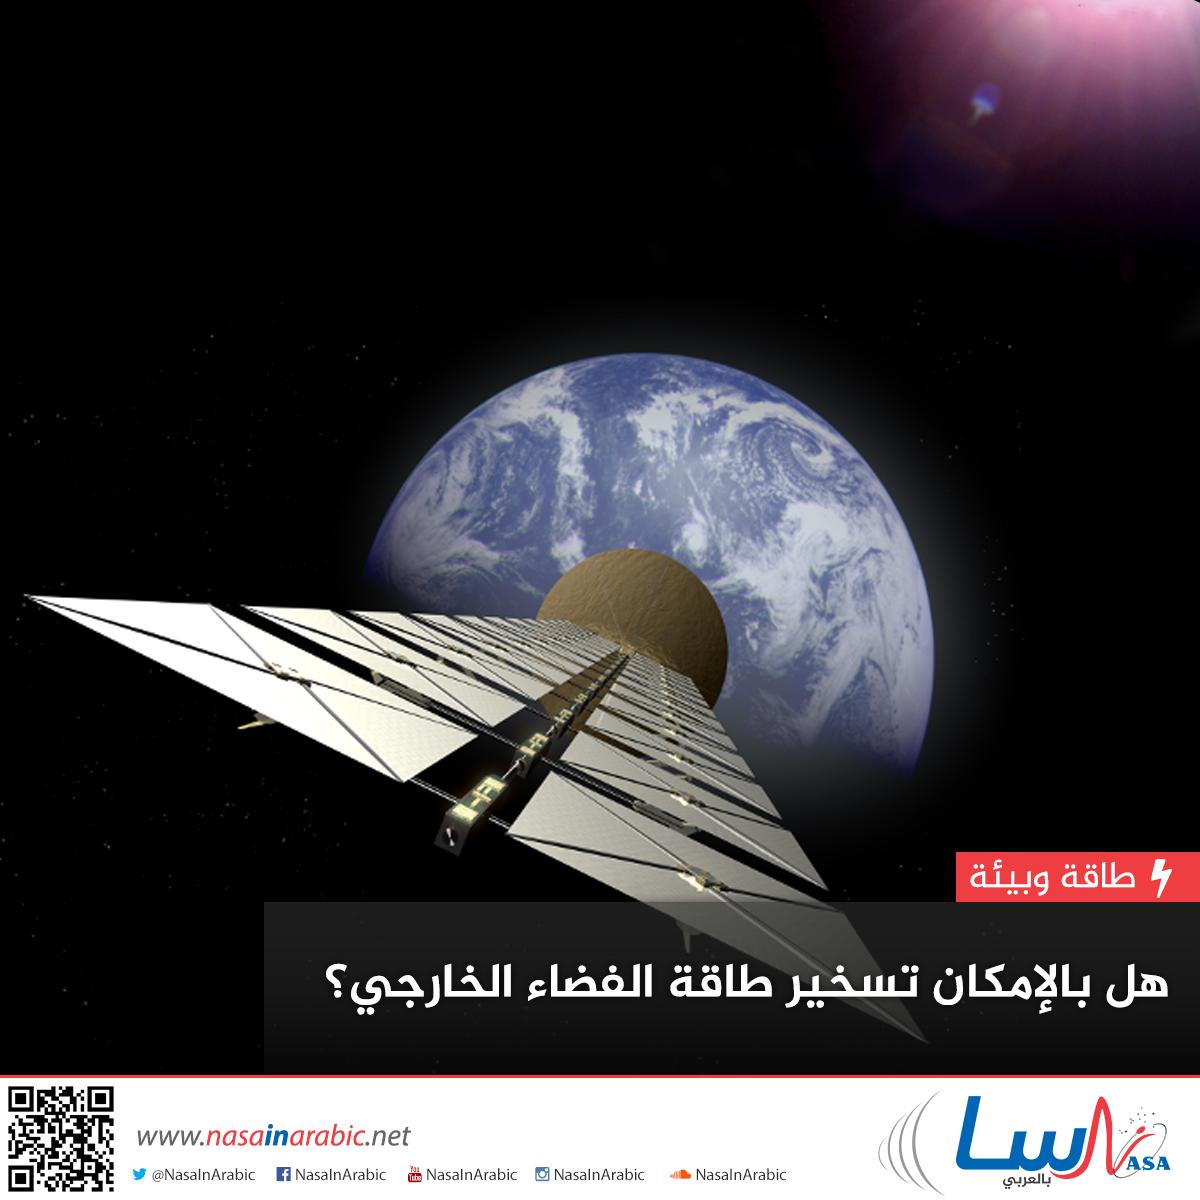 هل بالإمكان تسخير طاقة الفضاء الخارجي؟